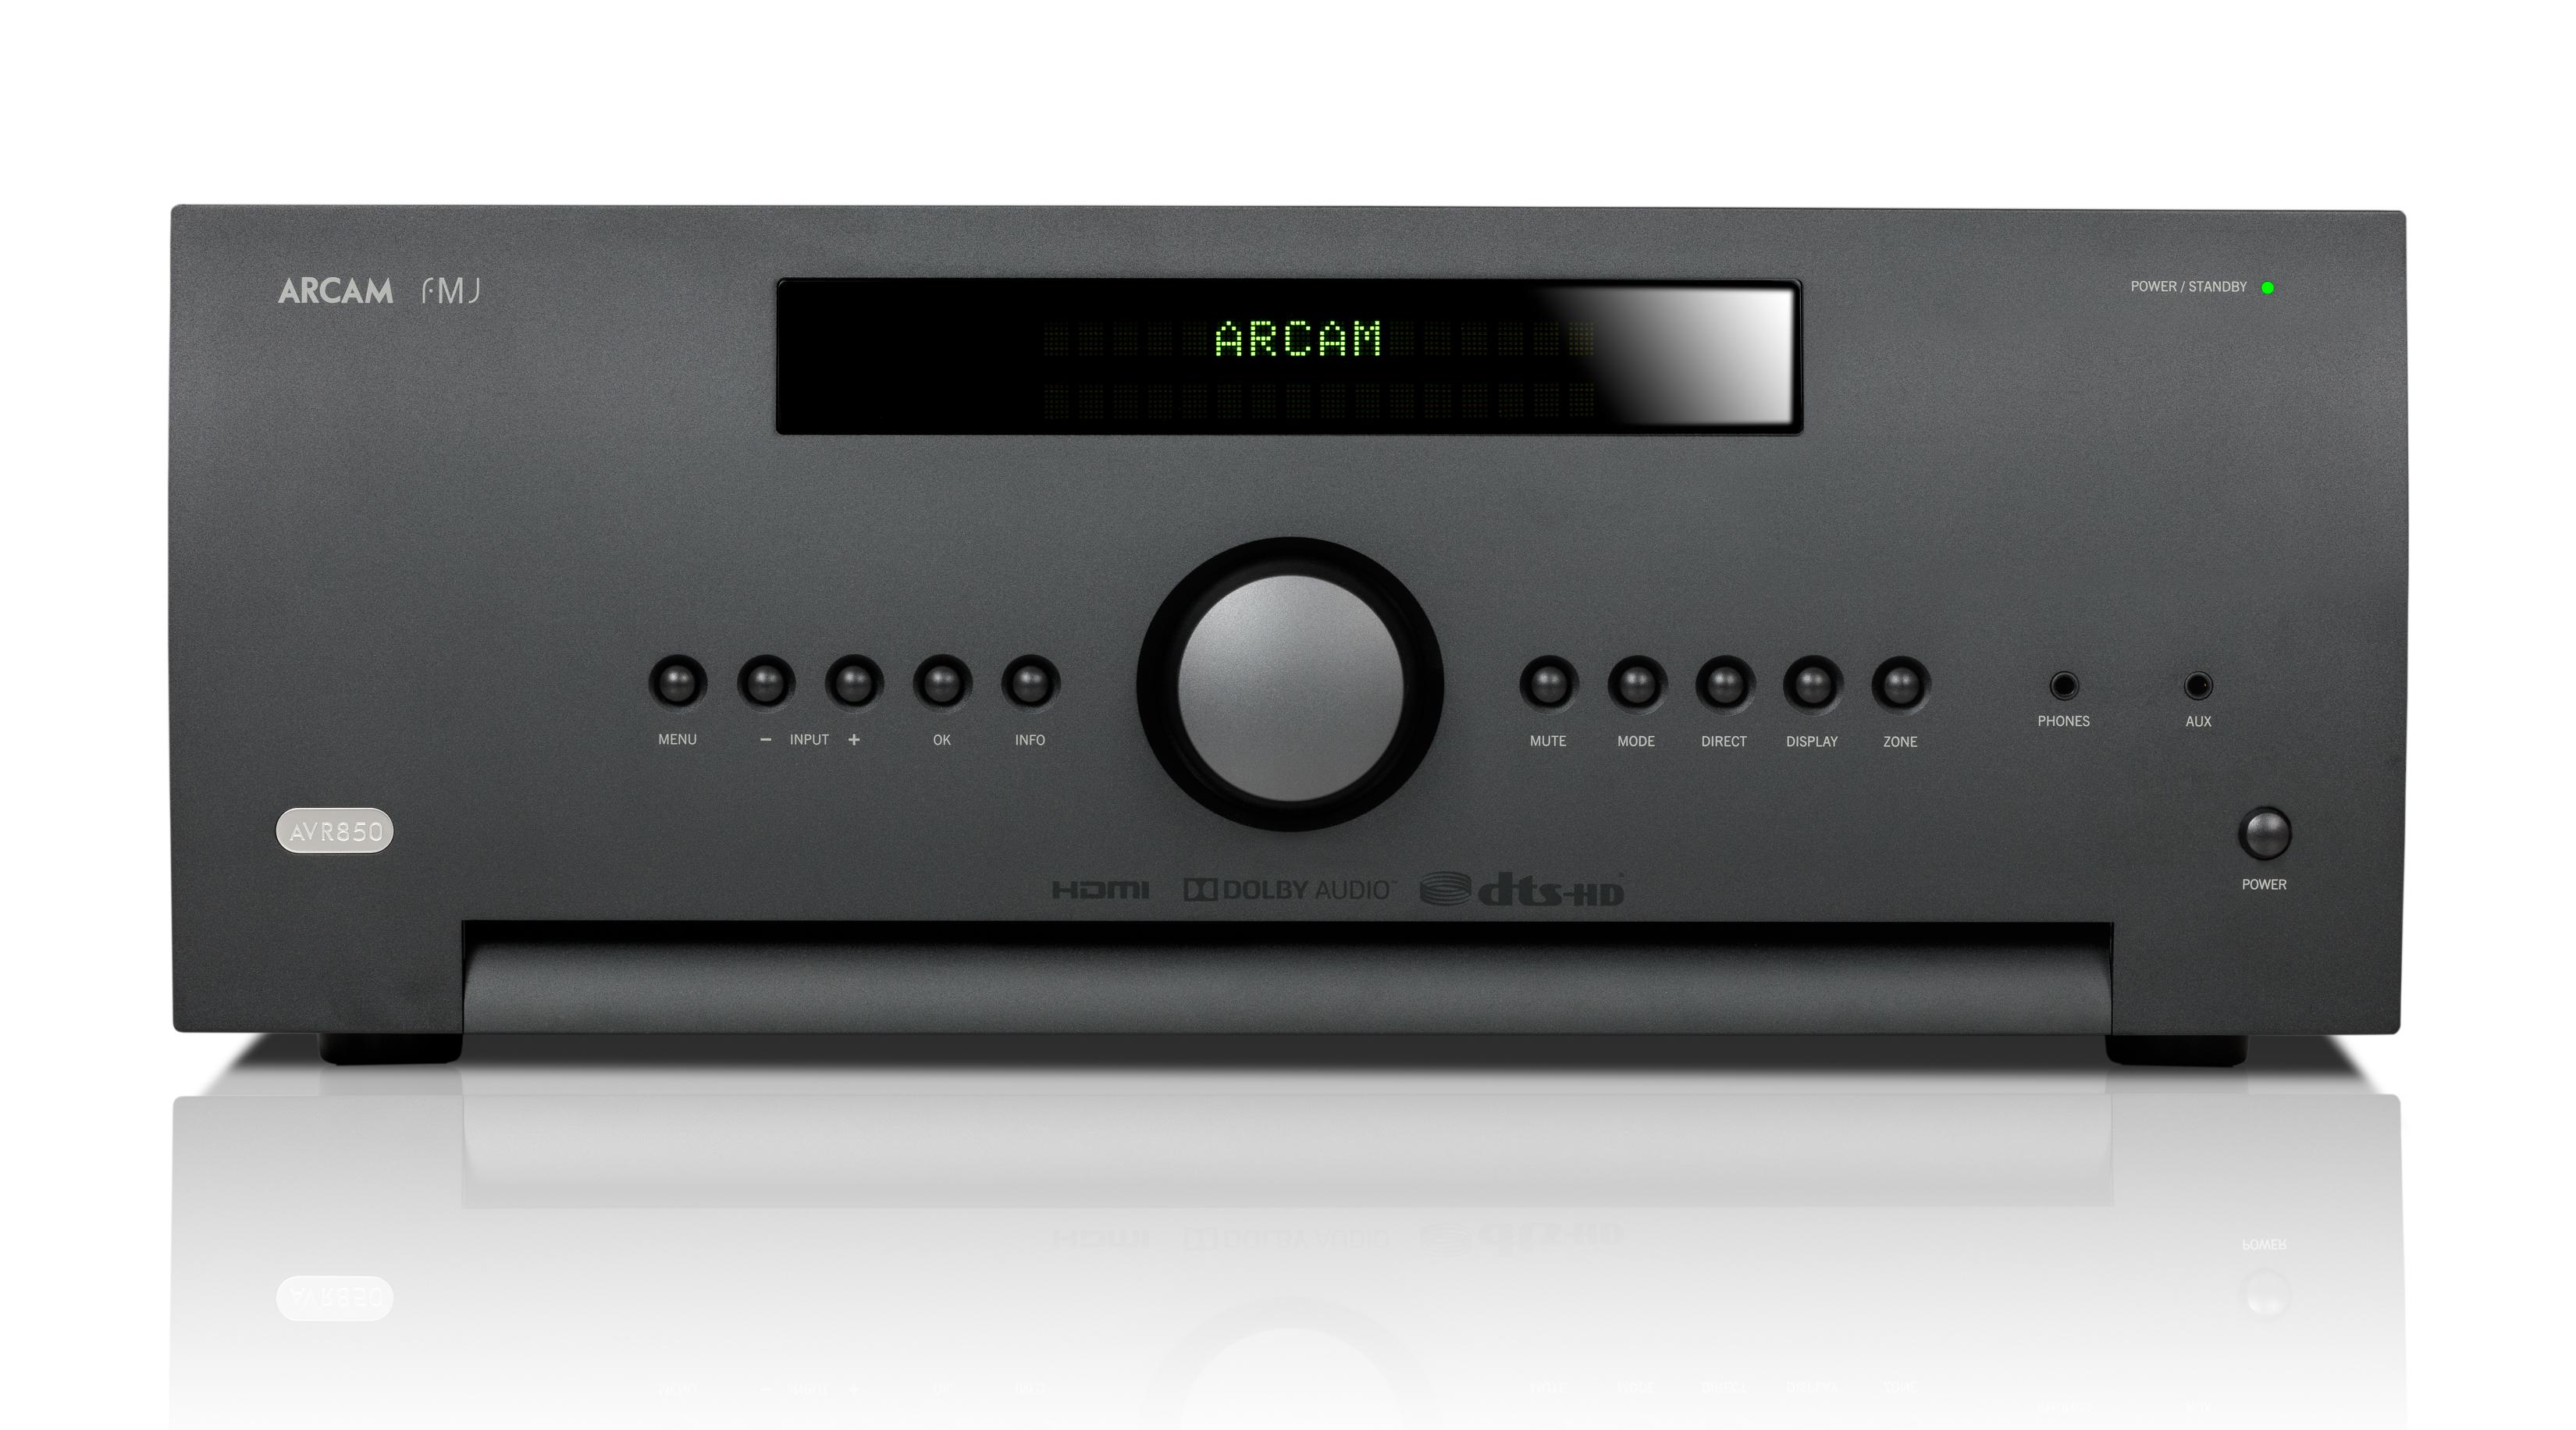 SR 250 выполнен в том же дизайне, что и многоканальные ресиверы Arcam